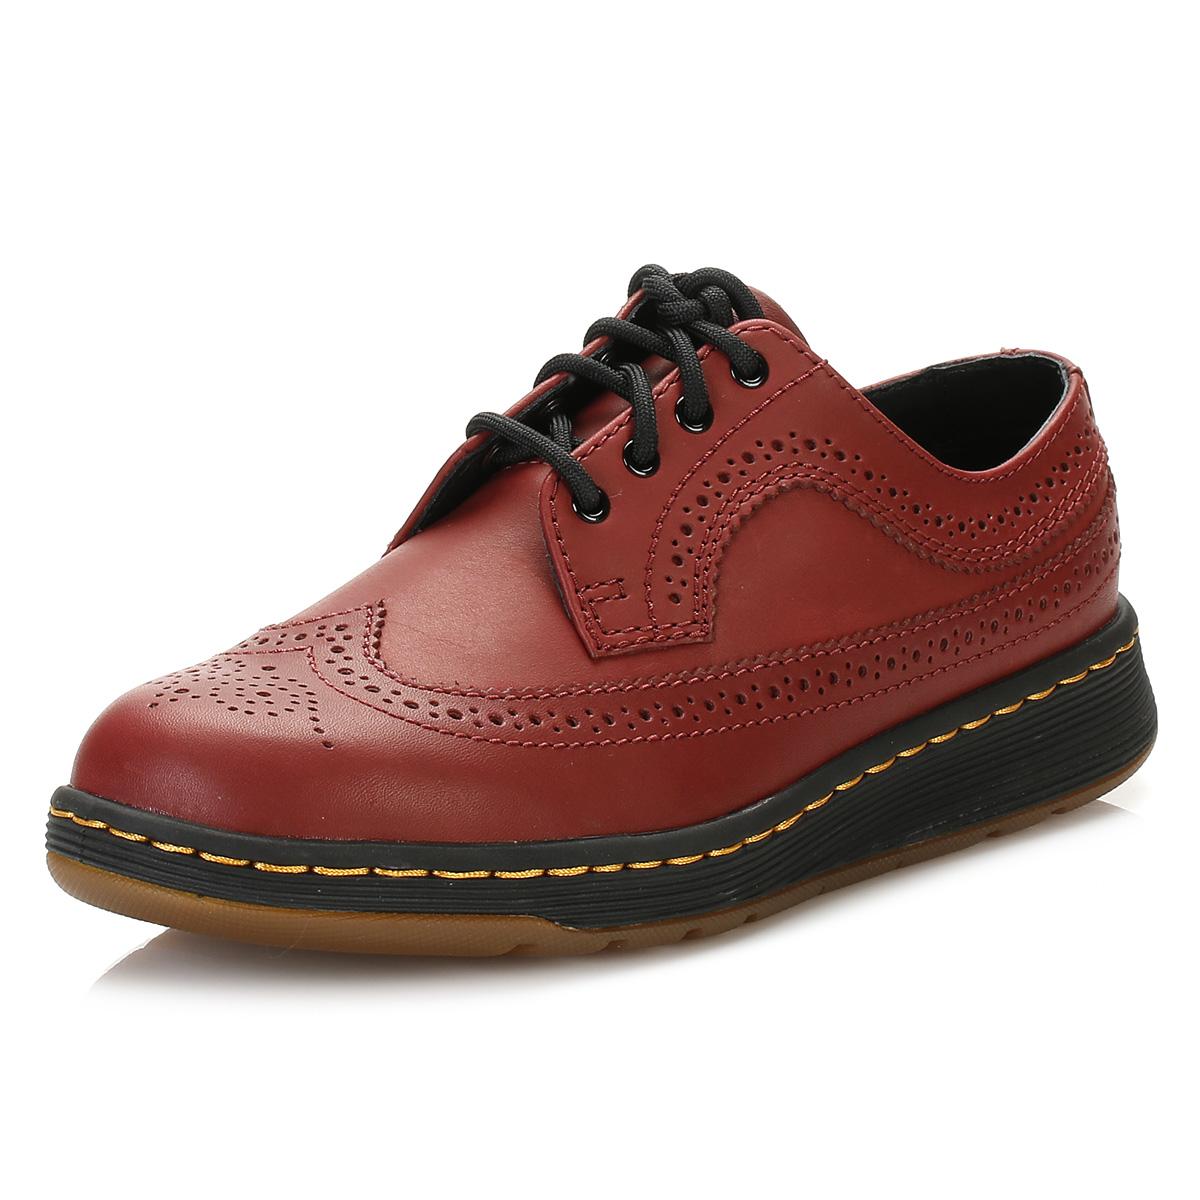 Dr Martens Oxford Men Shoes